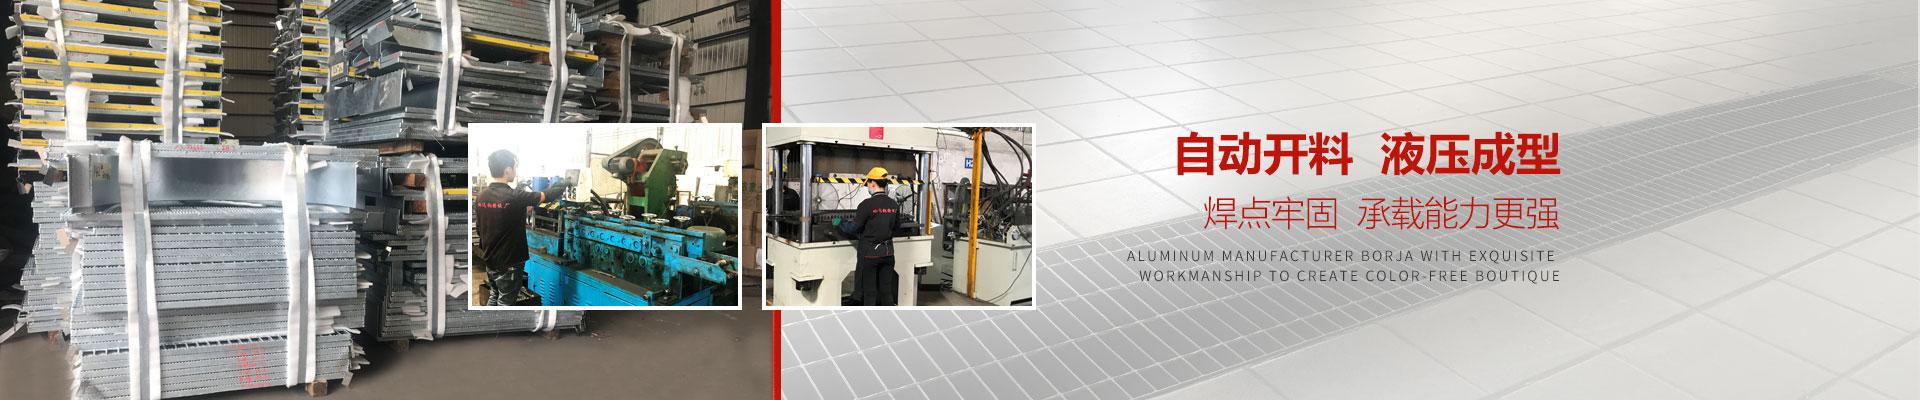 响达钢格板-自动开料,液压成型 焊点牢固,承载能力更强